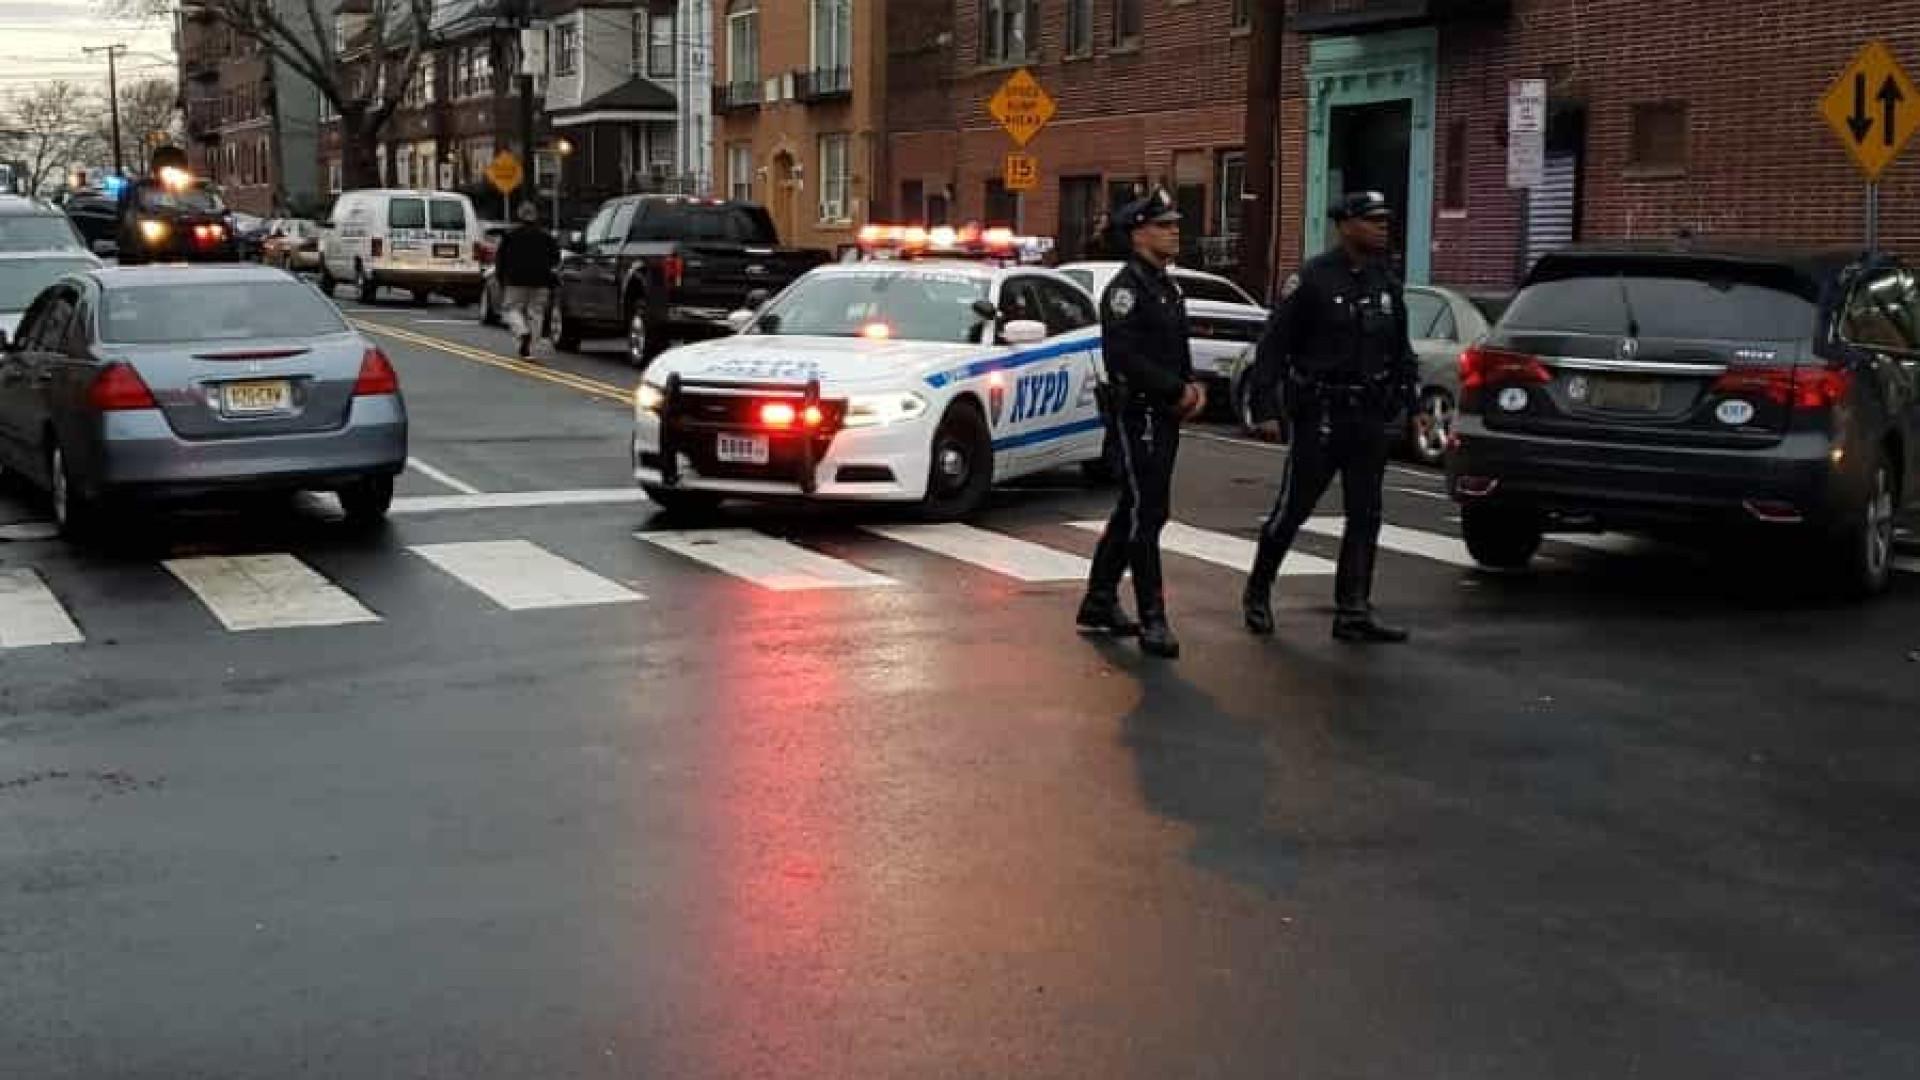 Autoridades dizem haver vários mortos em tiroteio de New Jersey